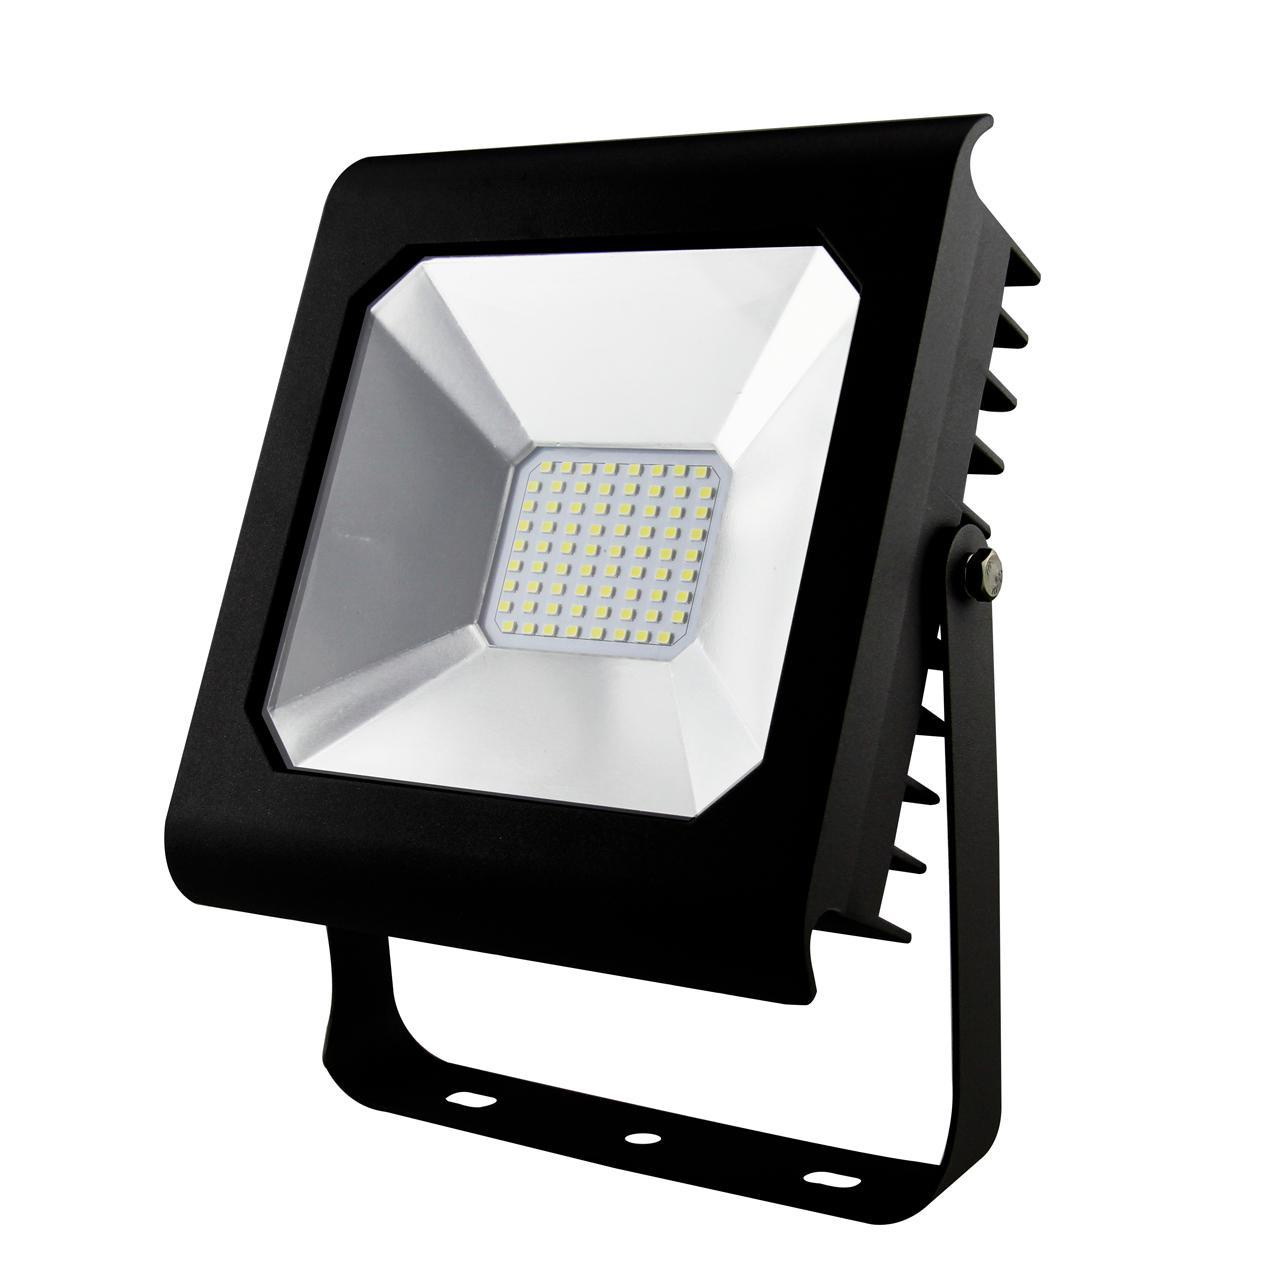 Прожектор Эра LPR-50-6500K-M SMD PRO, 50 Вт прожектор светодиодный эра lpr 50 4000к м smd 8 96